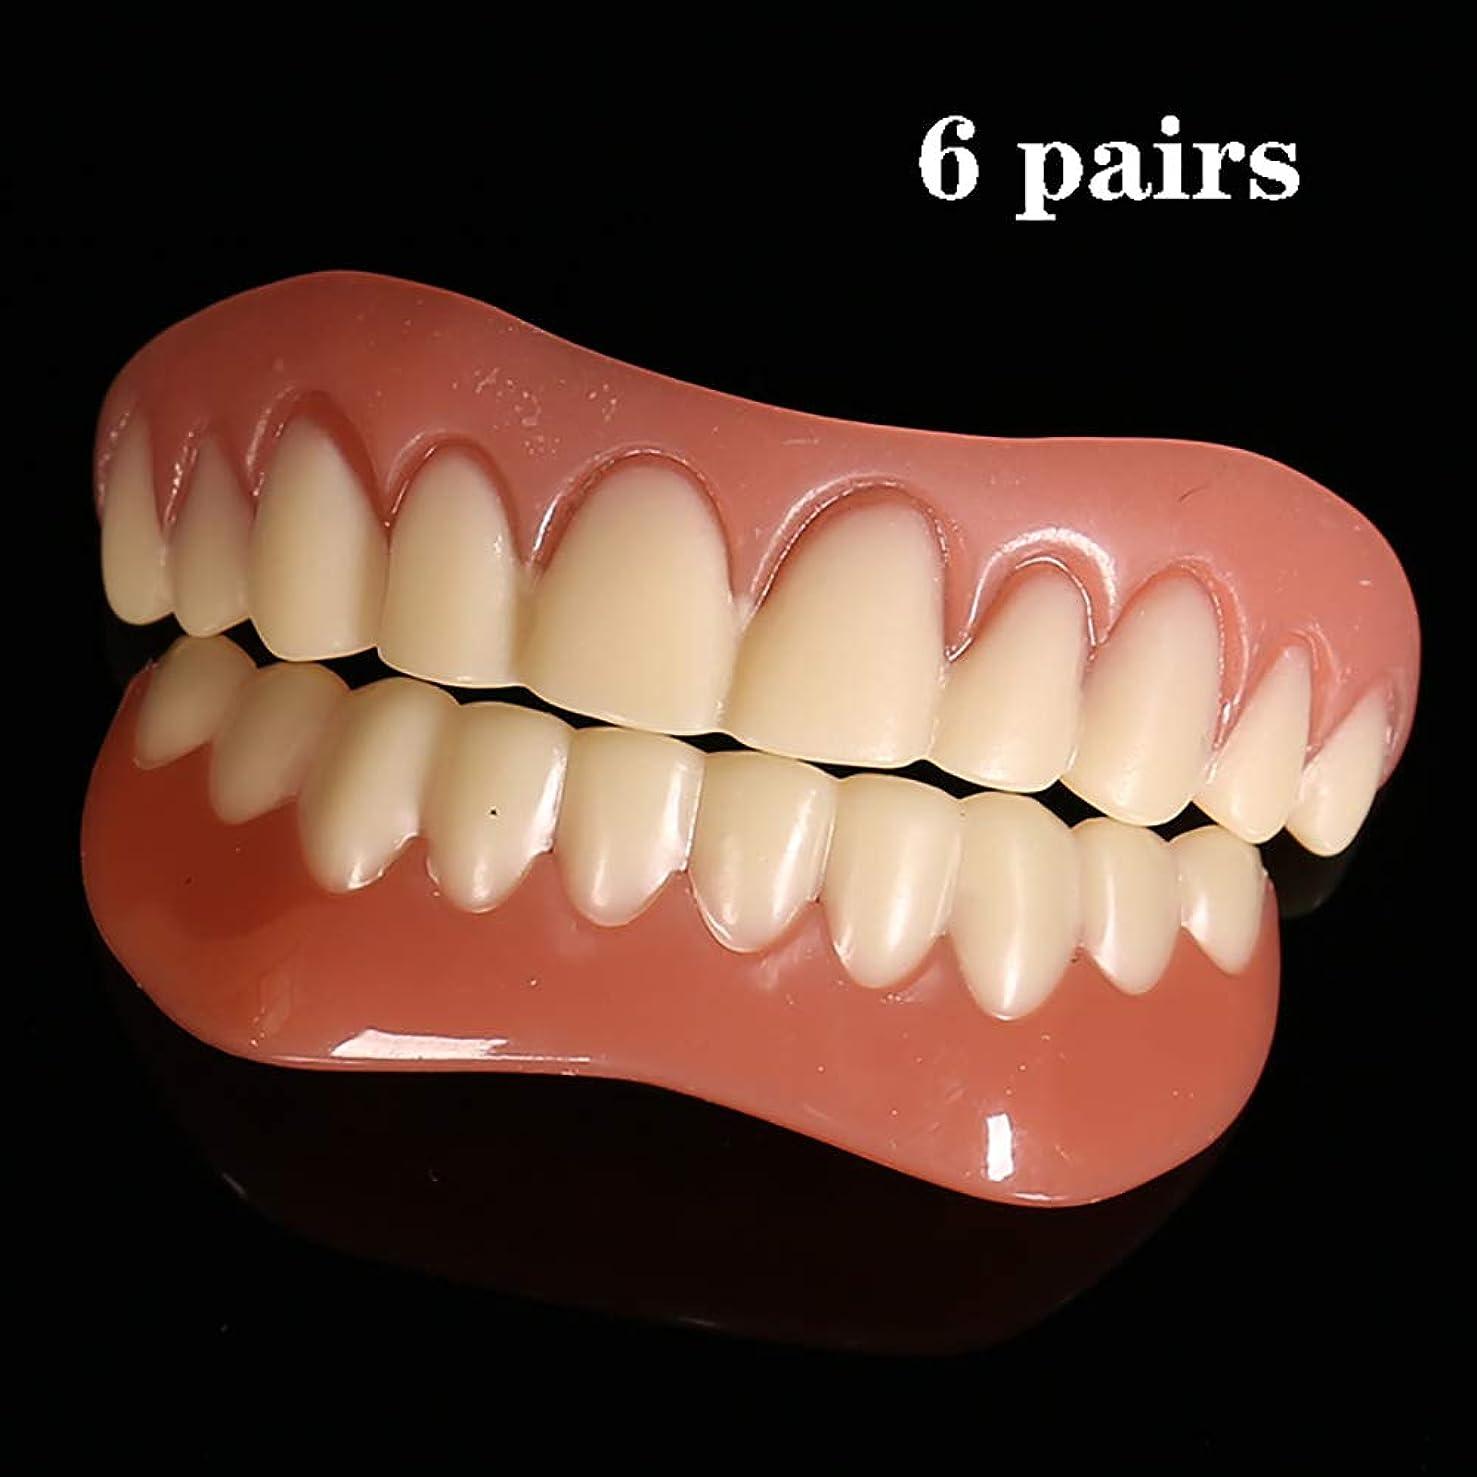 ムスタチオ自分接続された歯のベニヤ化粧品の歯スナップオンセキュア6ペア上下の快適さフィット歯のベニヤセキュアインスタントスマイル化粧品ワンサイズ全ての義歯ケアツールにフィット